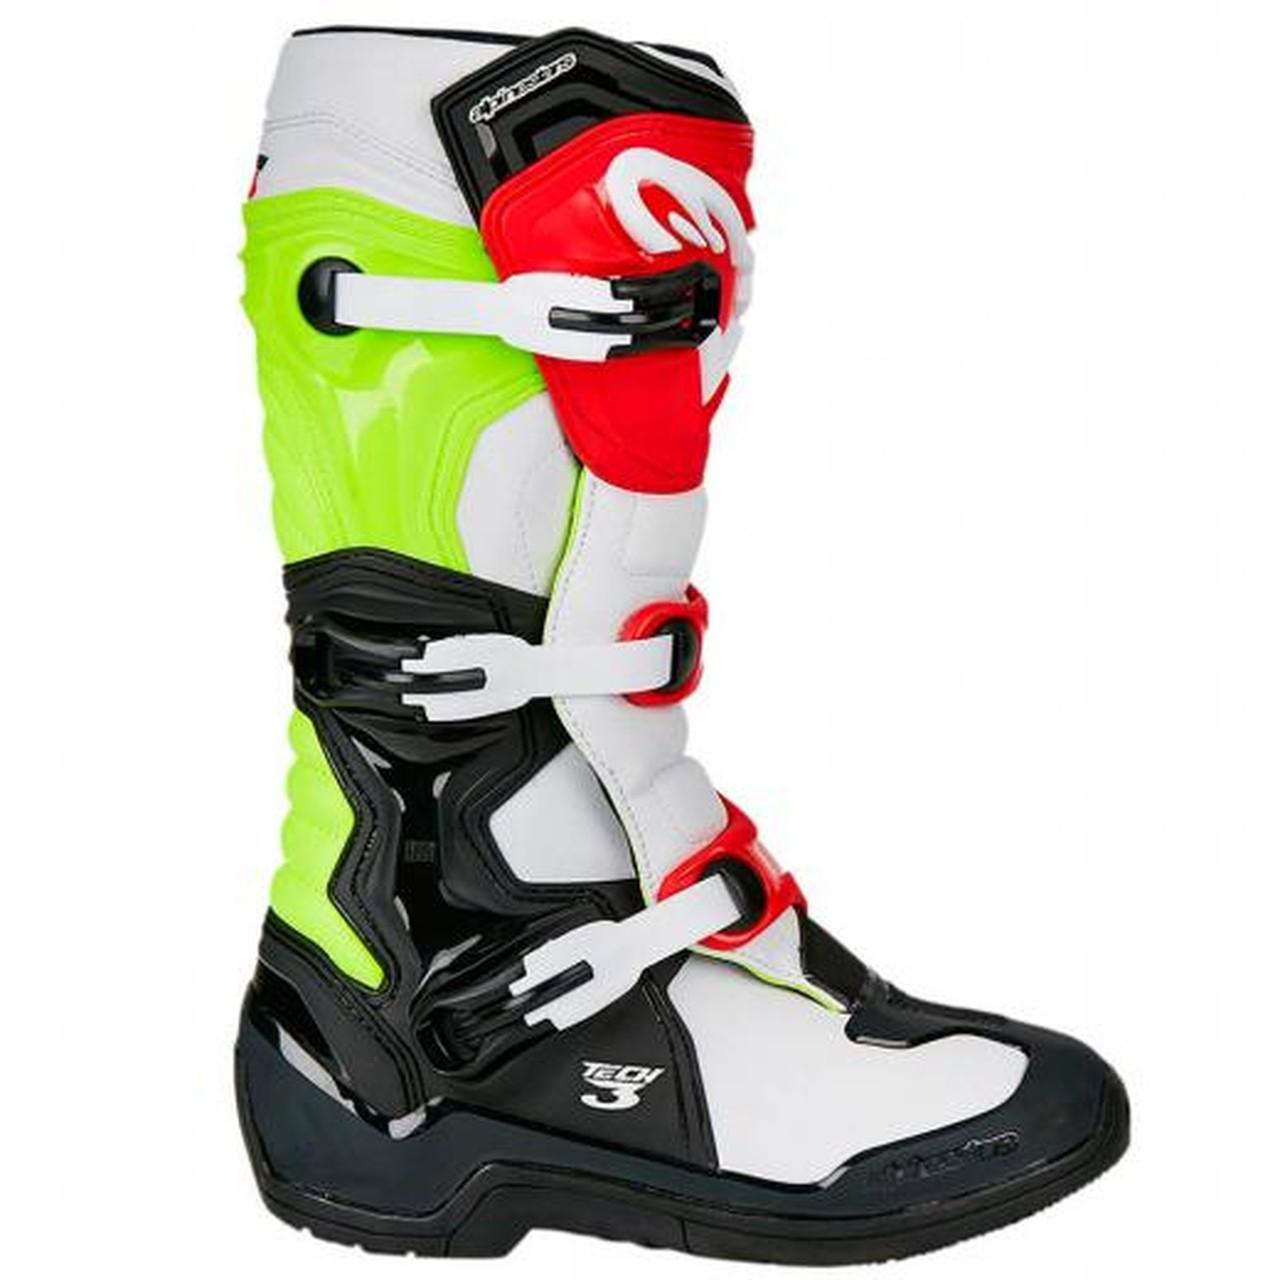 Bota Alpinestars Tech 3 - Preto/Branco/Vermelho